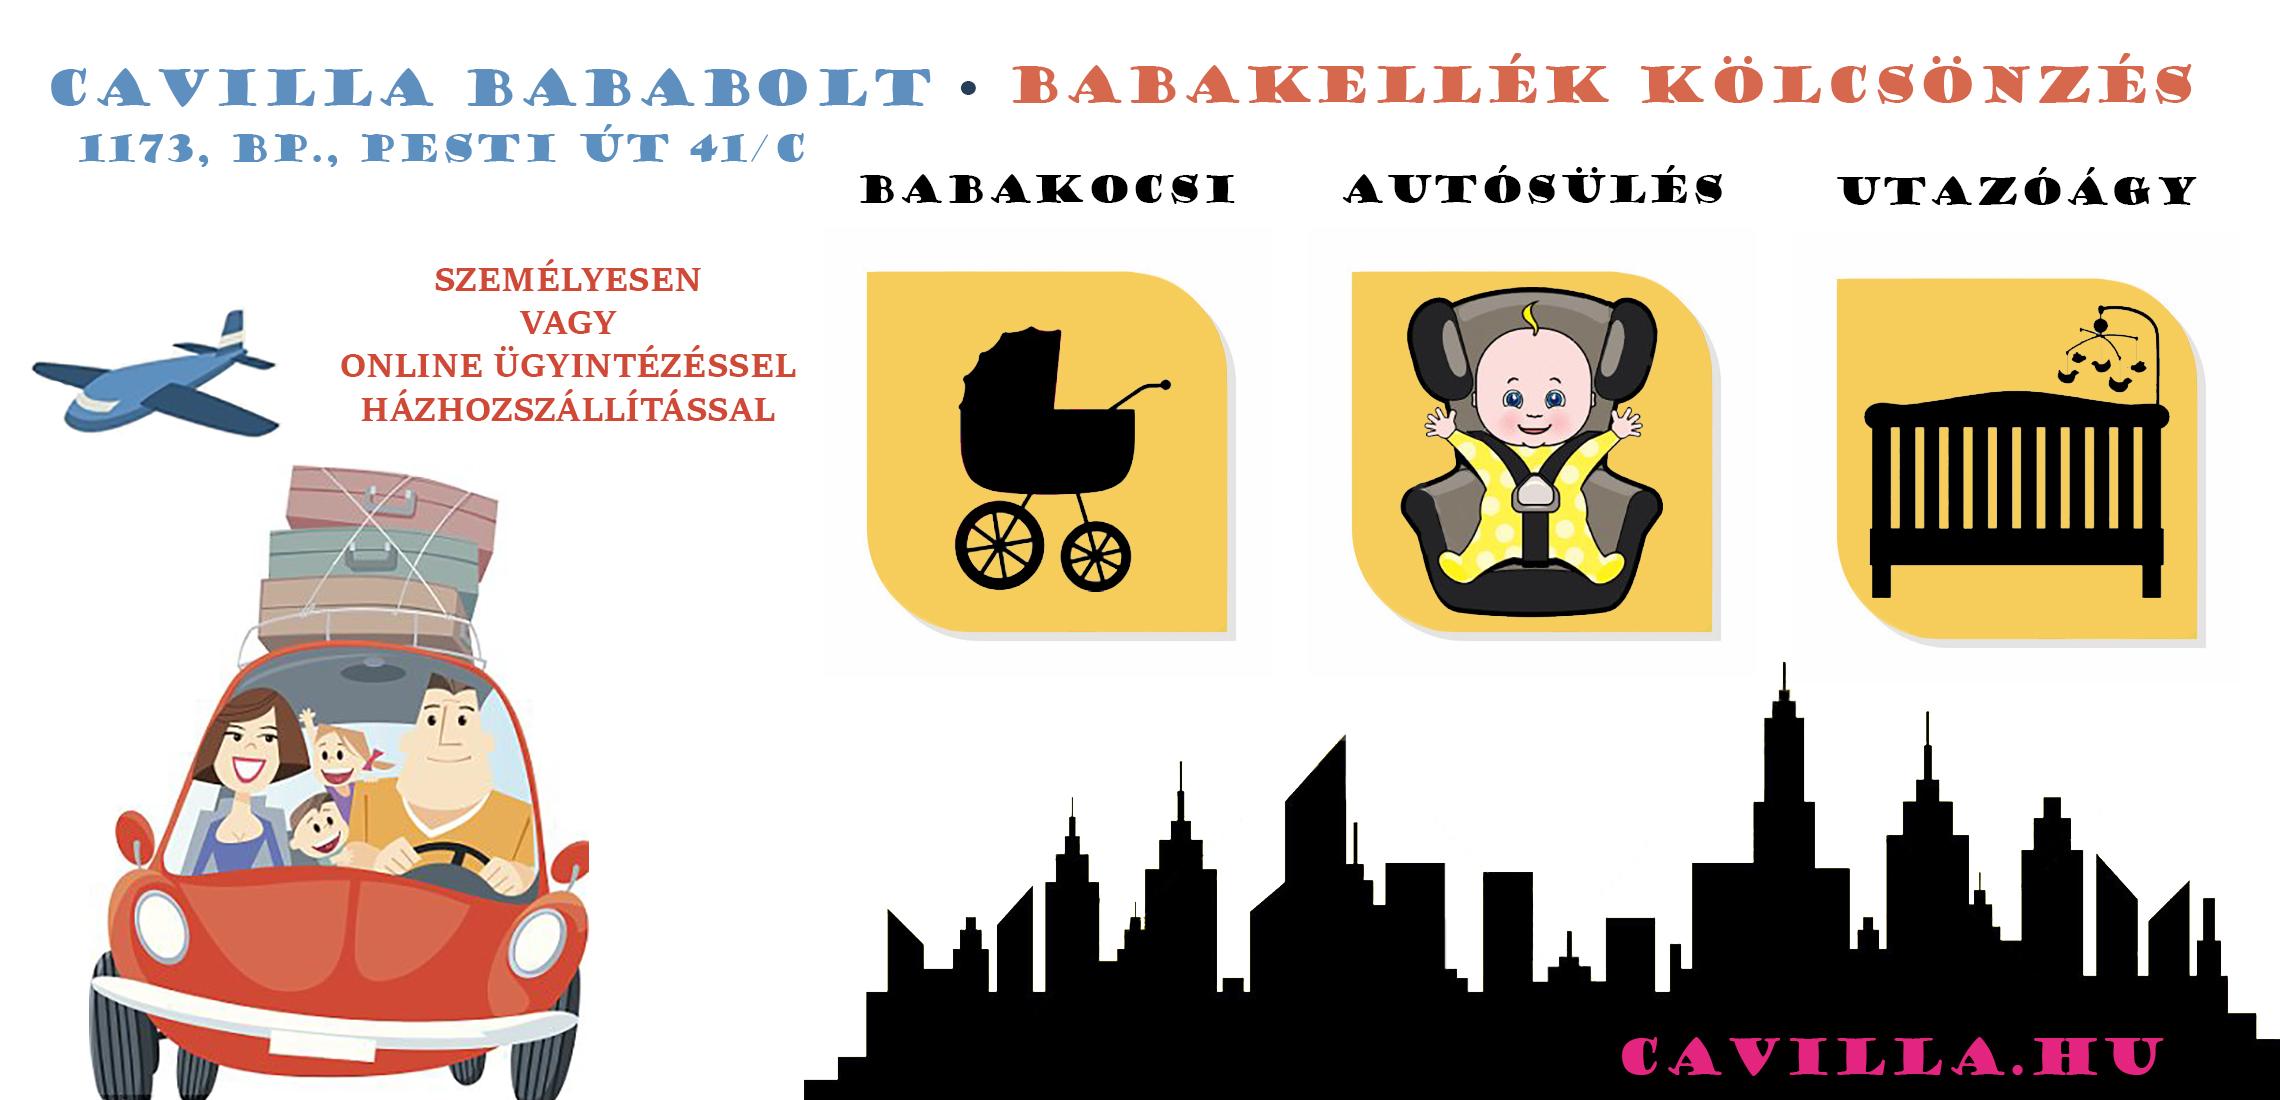 Információk - Cavilla Bababolt 2e24962c4a